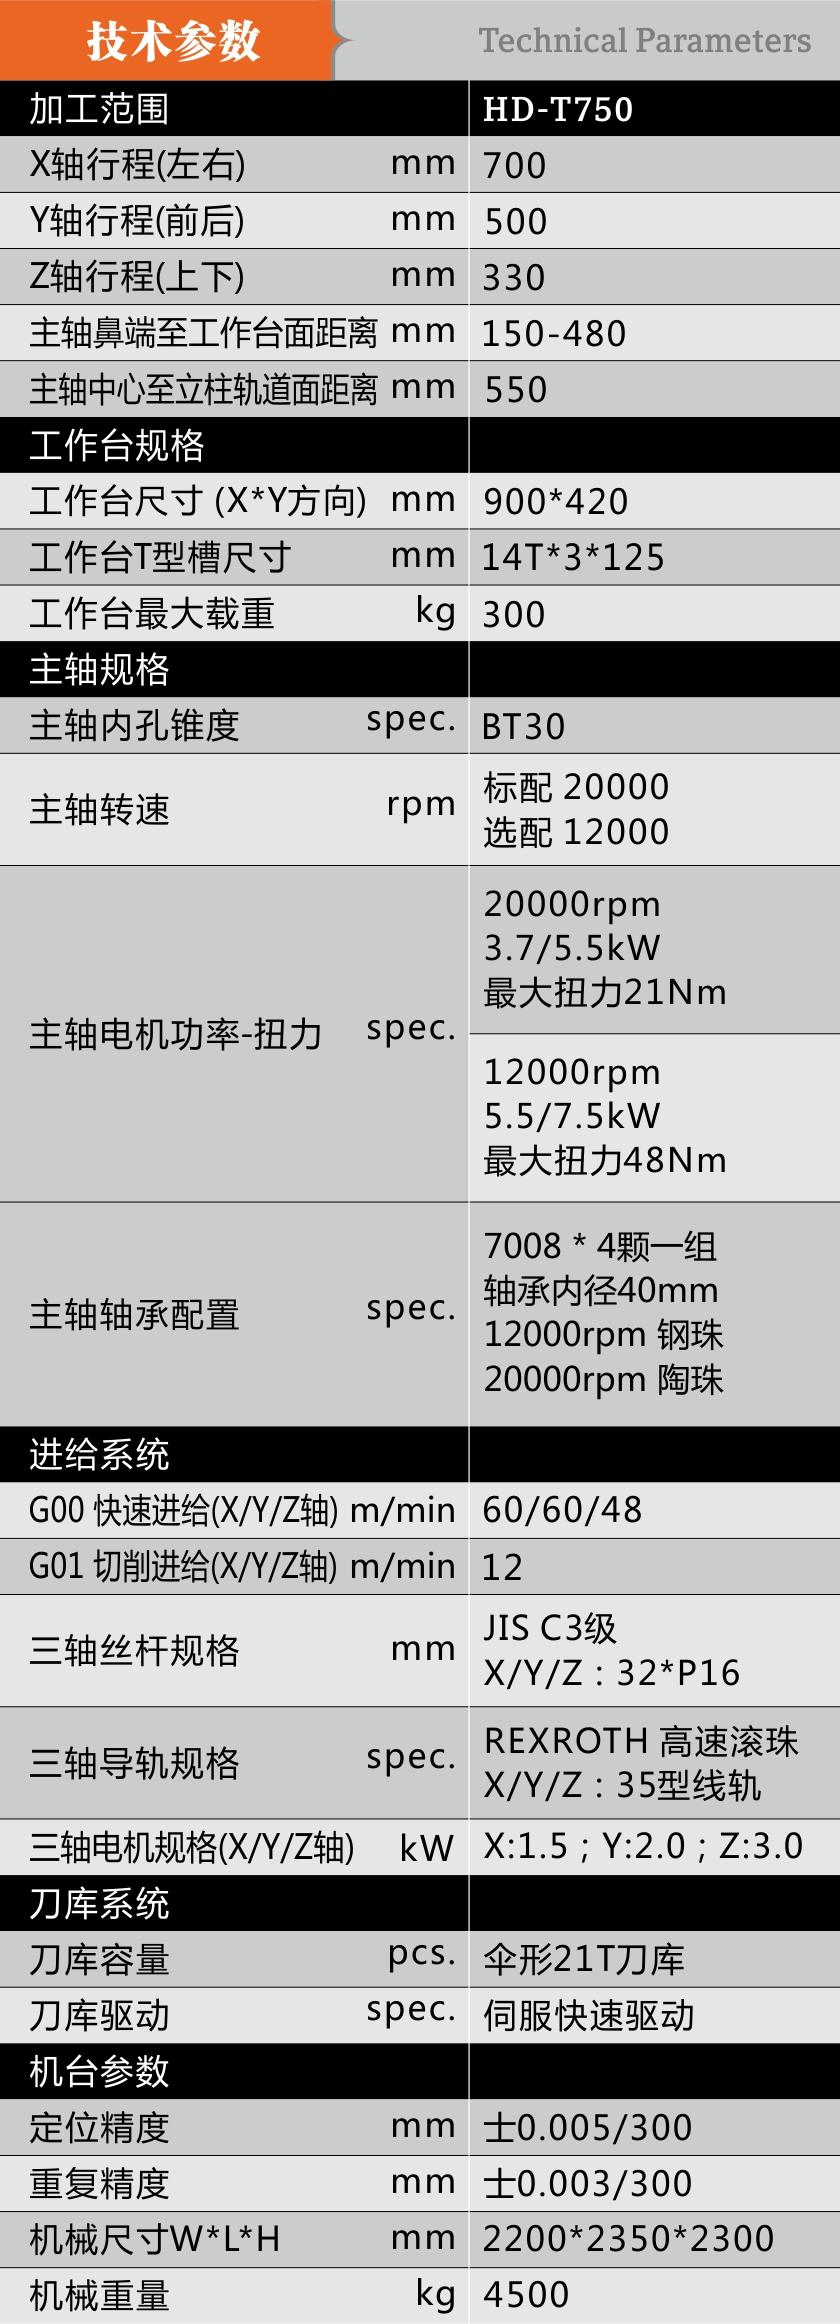 HD-T750 高速高精钻孔攻牙机